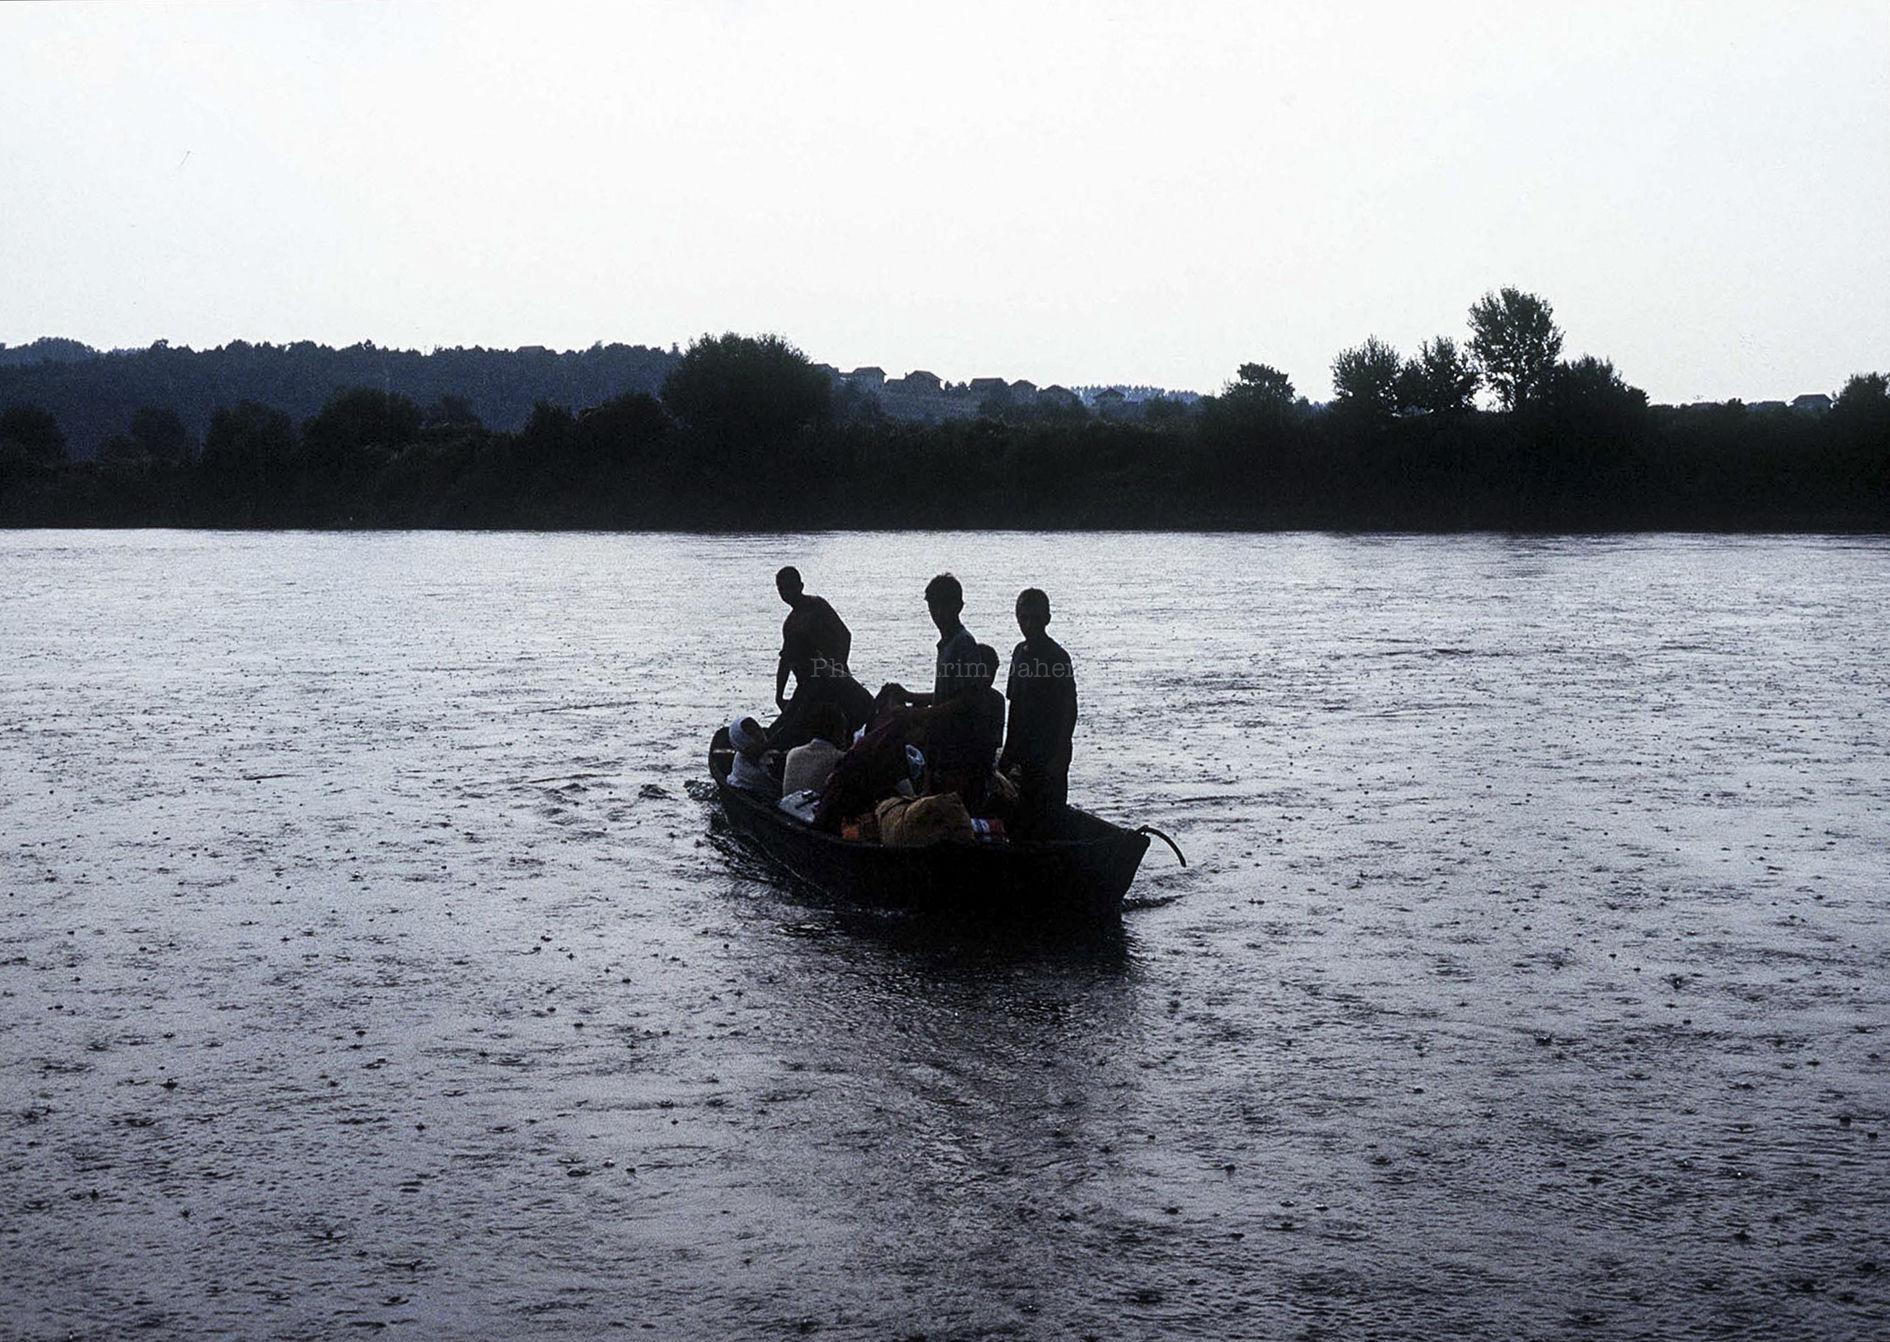 Croatie, frontière avec la Bosnie, été 1995. Civils croates chassés par des serbes (armés) de Bosnie. Ils rejoignent la rive croate du fleuve, d'où a été prise la photo.